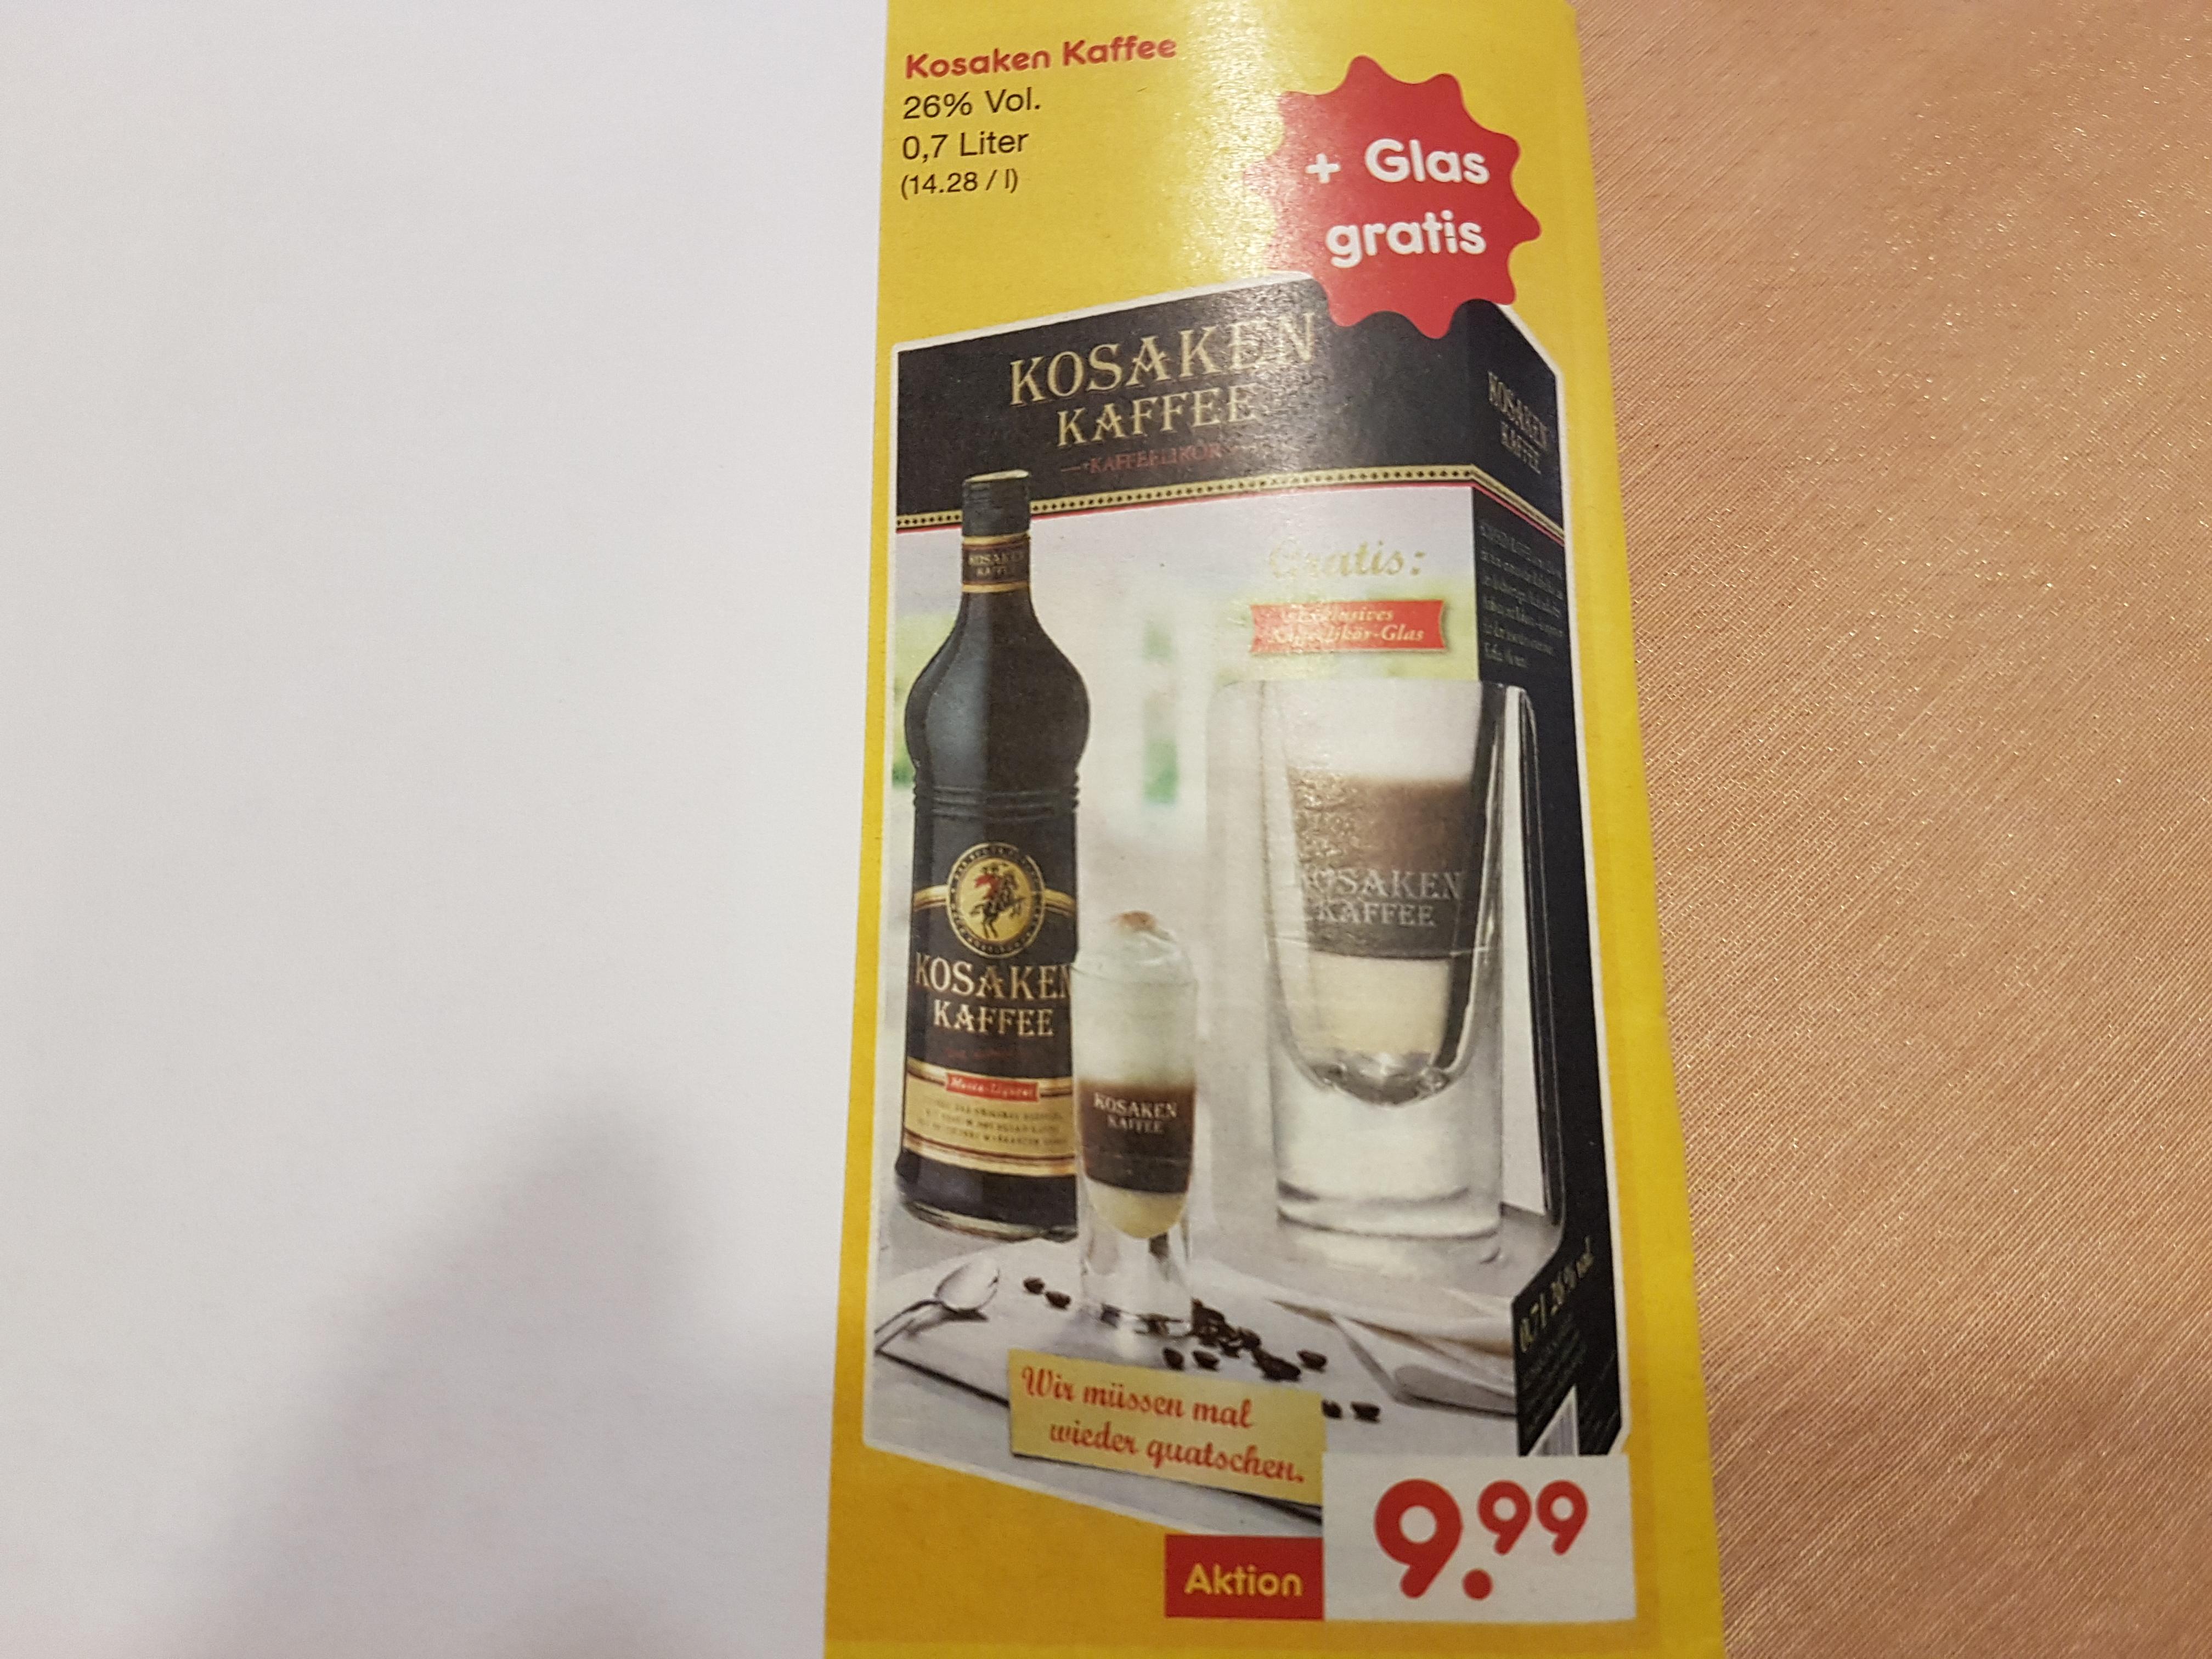 Kosaken Kaffee Likör  ( Netto)